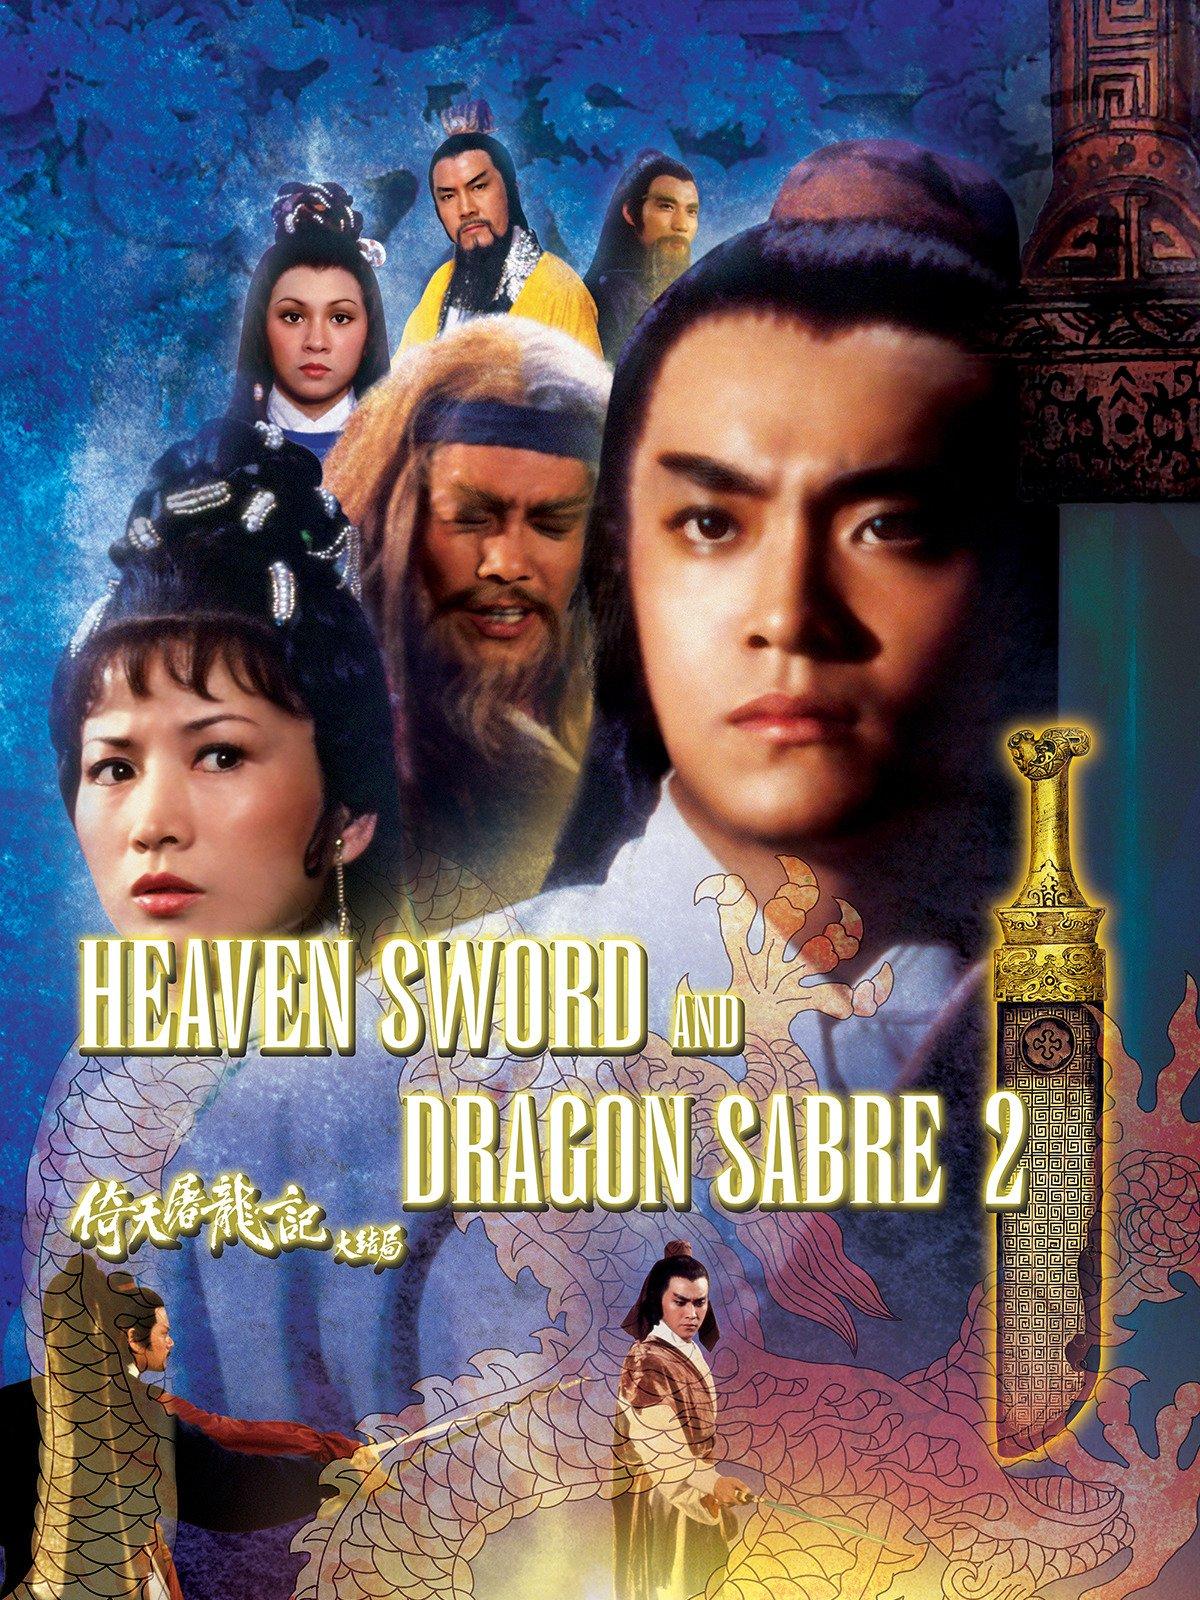 Heaven sword and dragon sabre 2020